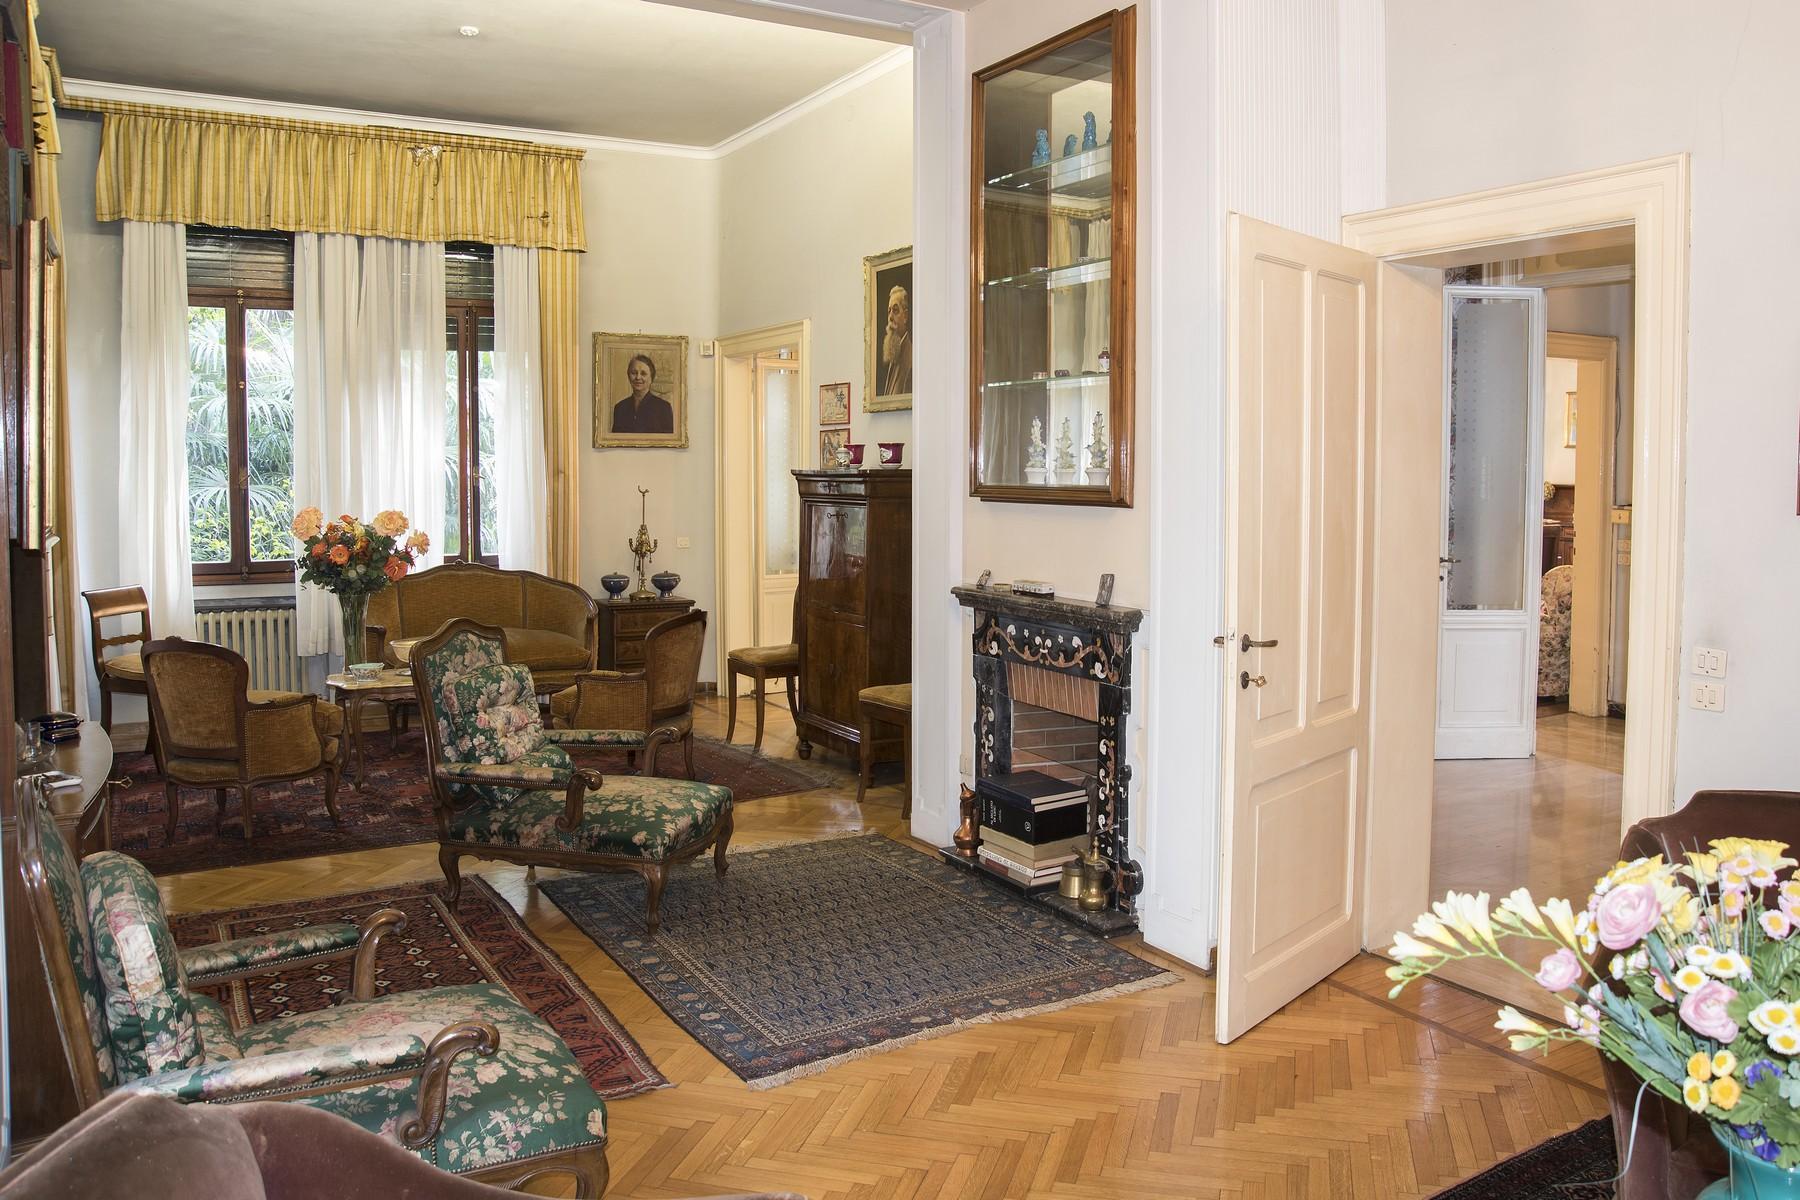 Meravigliosa villa Liberty nel cuore di Treviso - 13